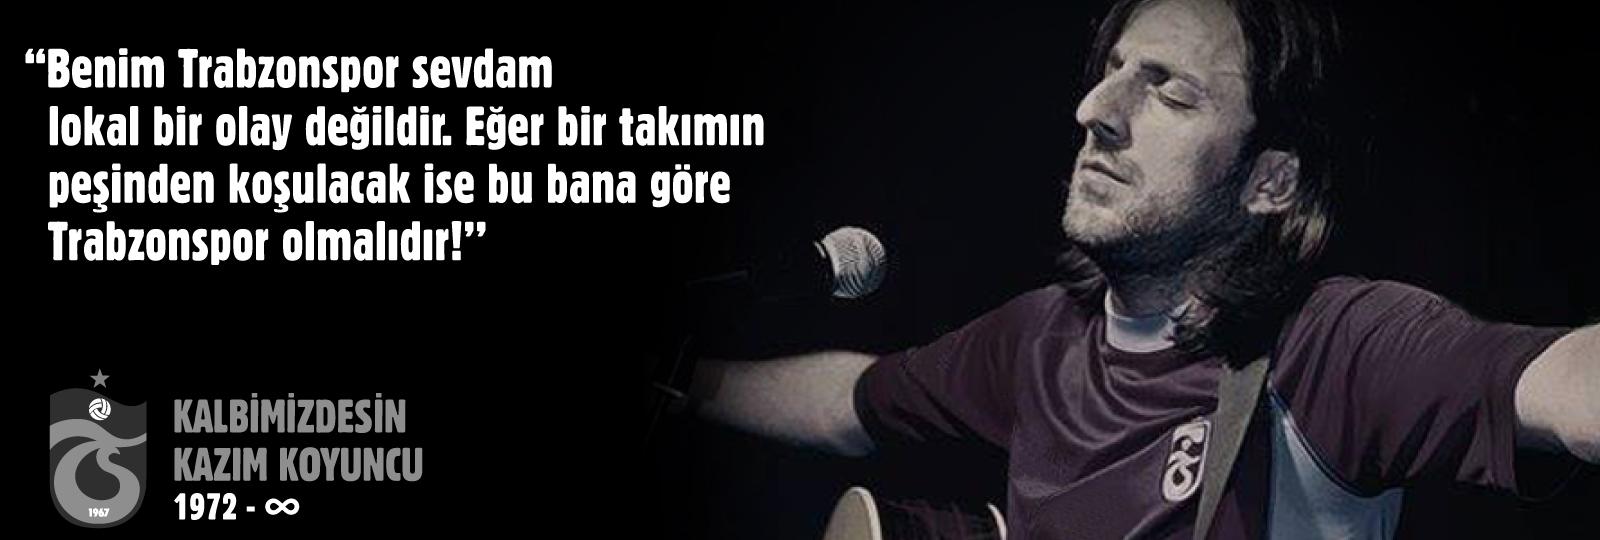 Trabzonspor'dan Kazım Koyuncu belgeseli